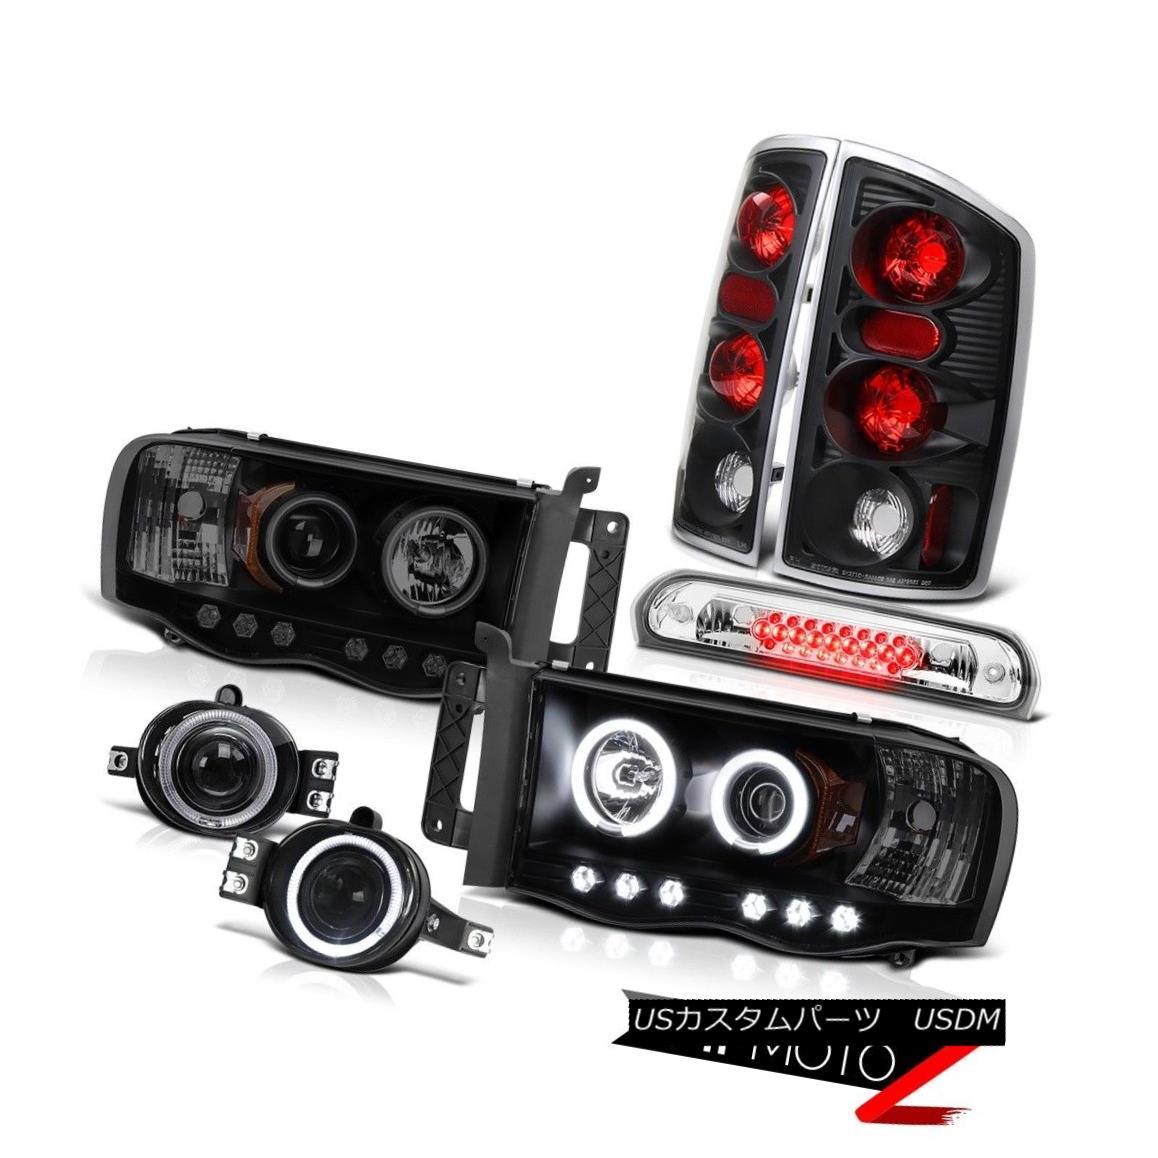 テールライト 2002-2005 Dodge Ram Angel Eye Headlight Rear Lamp Projector Fog High Cargo LED 2002-2005ダッジ・ラム・エンジェル・アイ・ヘッドライトリア・ランプ・プロジェクターフォグハイ・カーゴLED